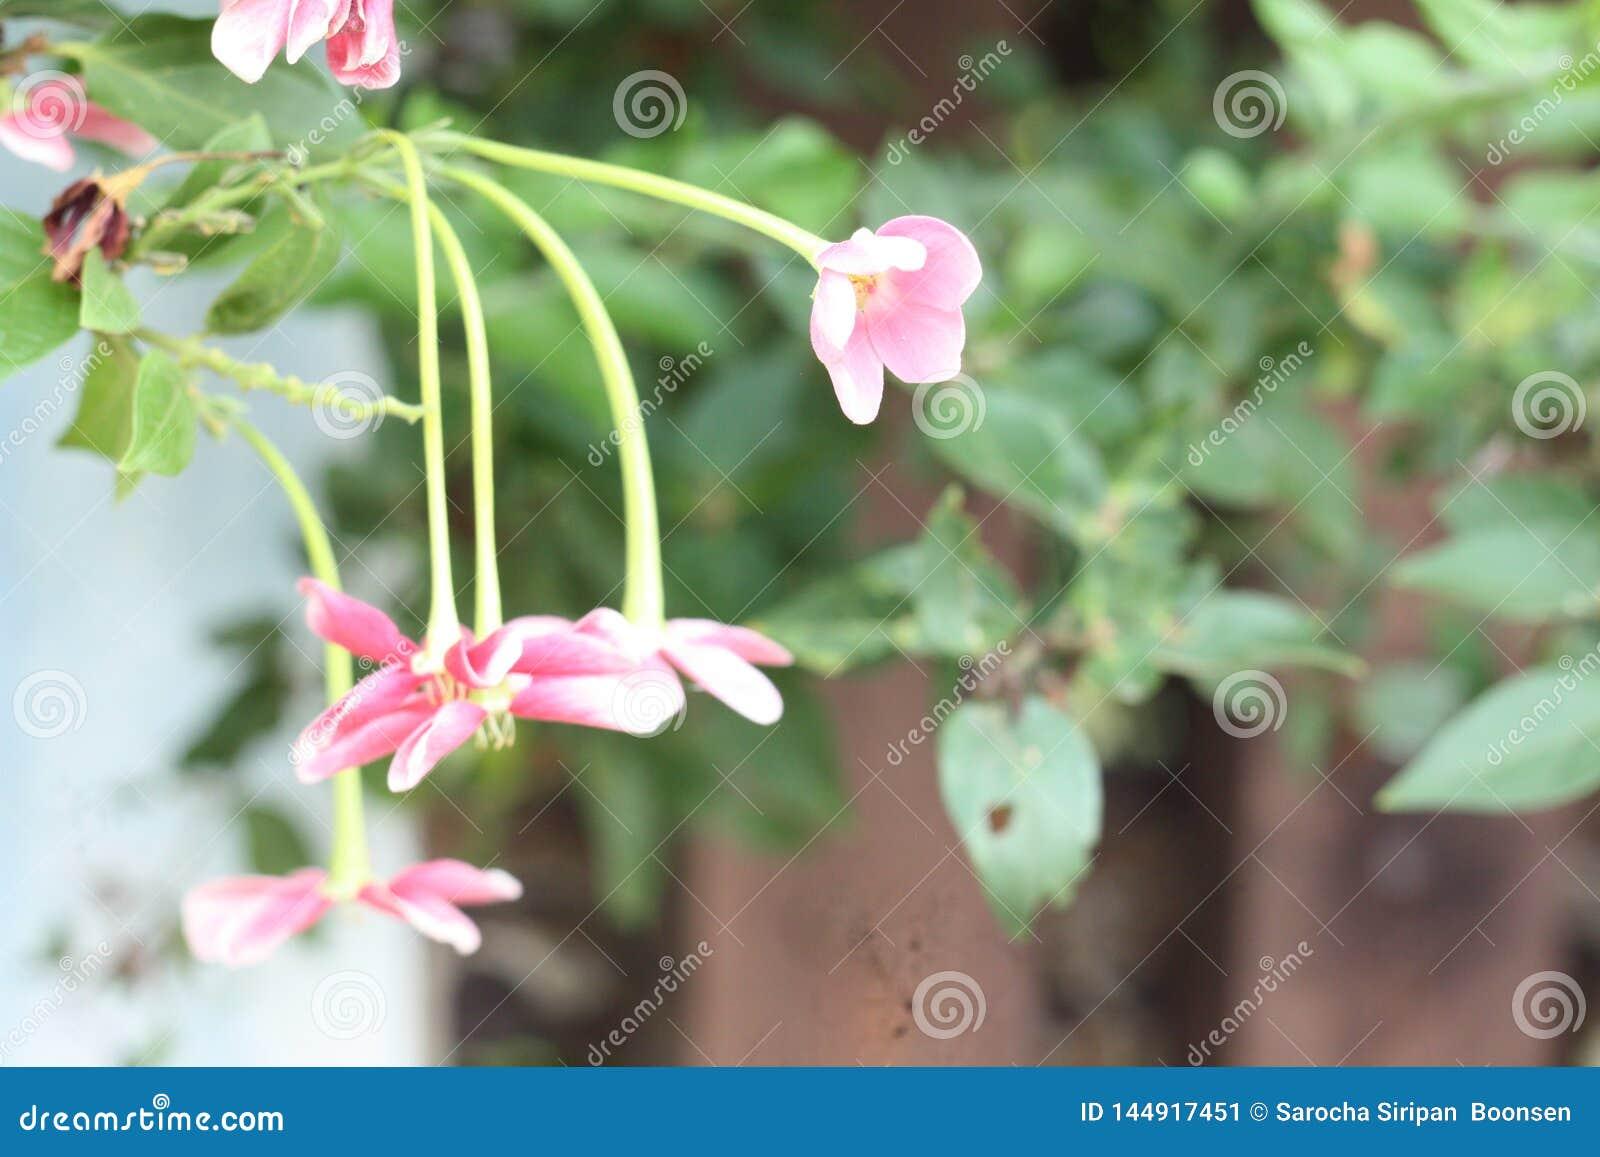 Близкое поднимающее вверх изображение цветков сногсшибательных крас